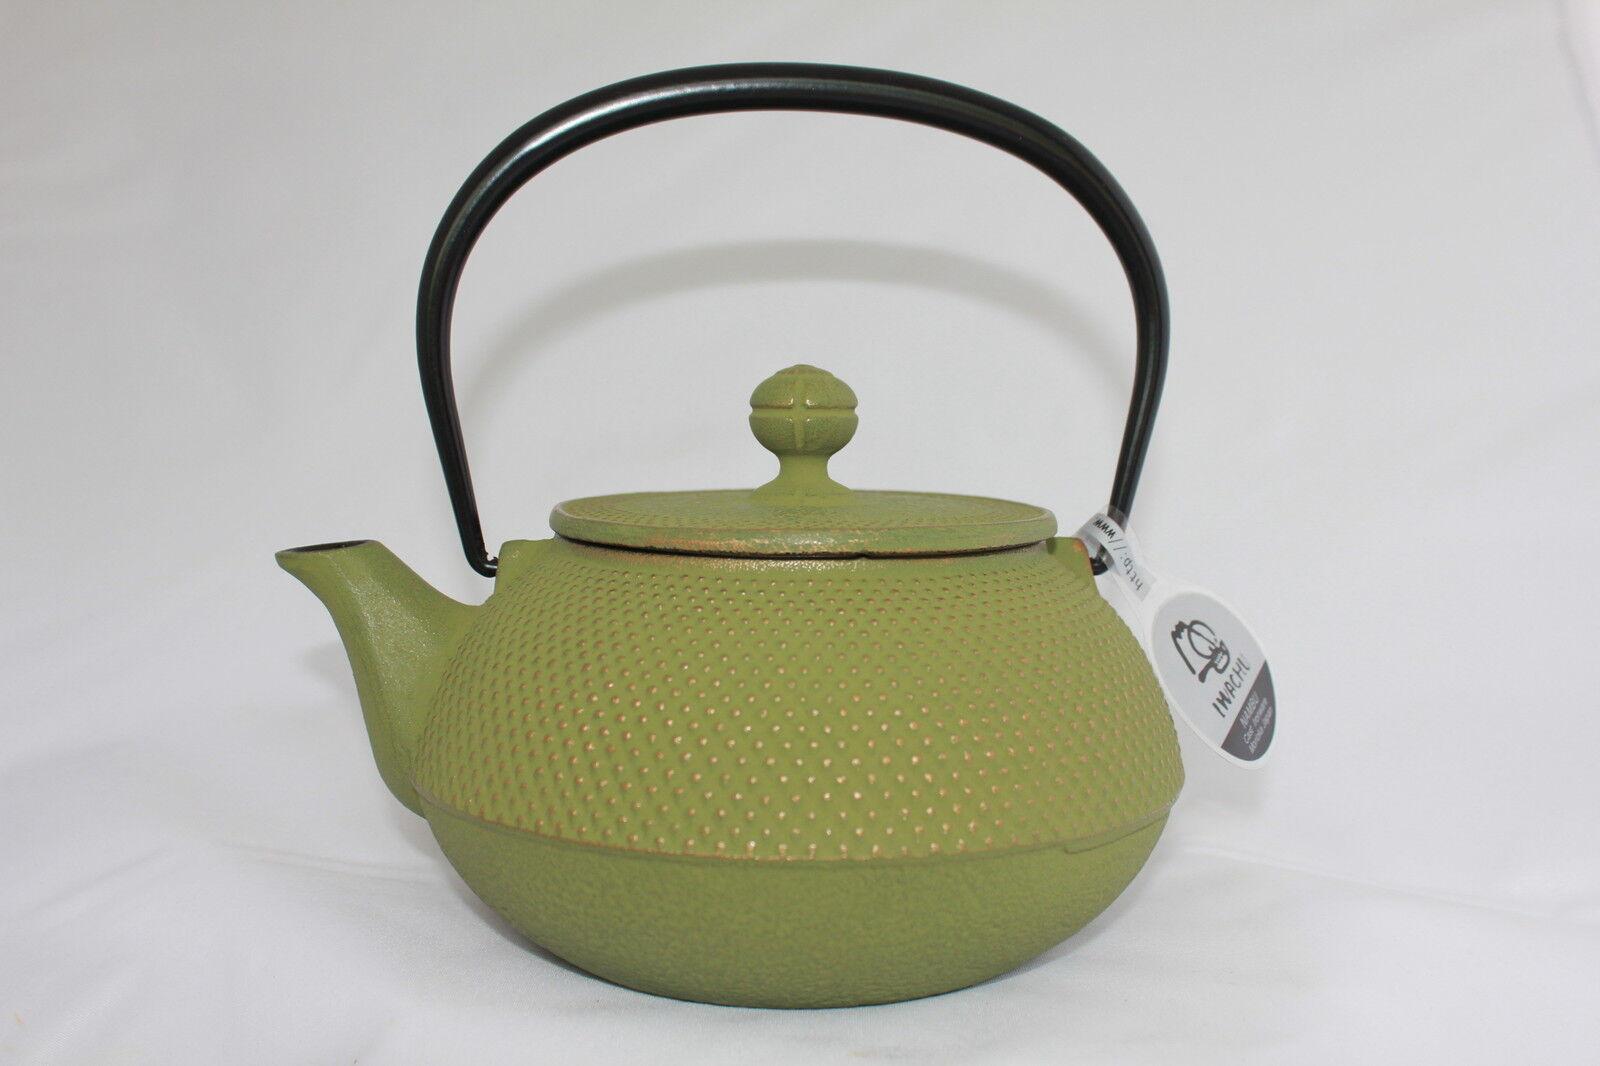 Iwachu Japanese Cast Iron Teapot Arare (0.90 L)